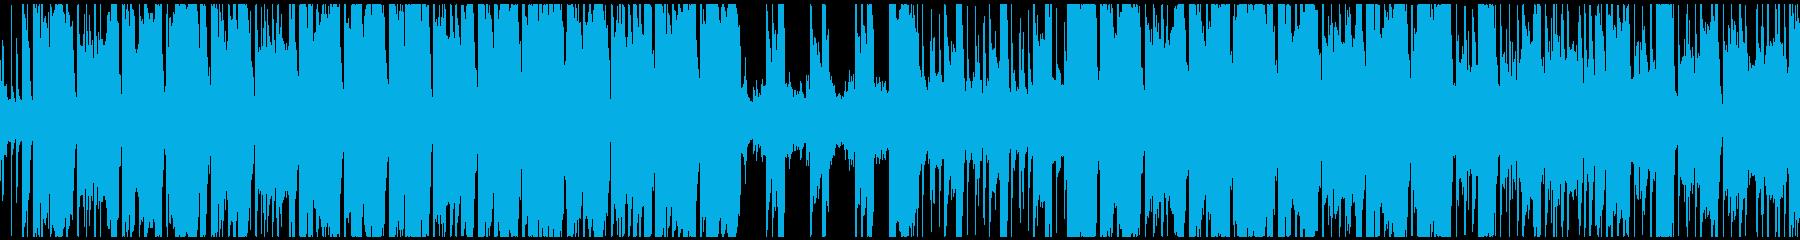 ファンキーなギターリフ、ループ仕様の再生済みの波形